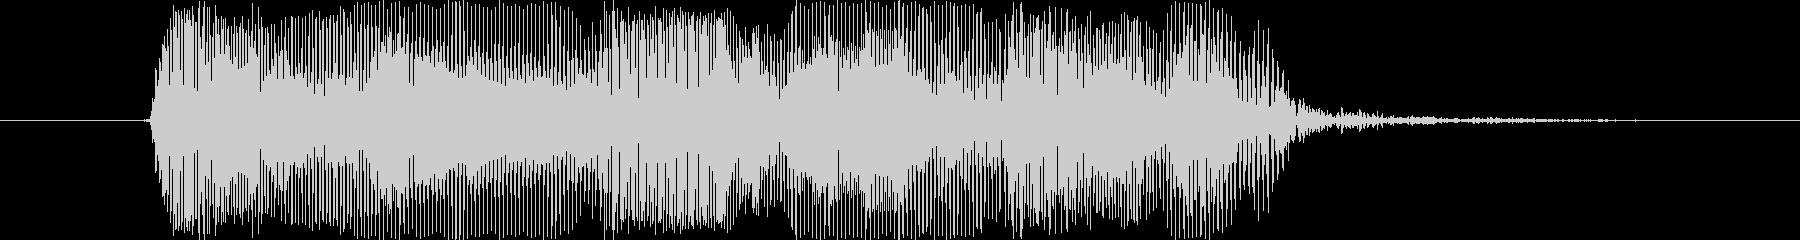 鳴き声 男性の恐ろしい悲鳴高01の未再生の波形